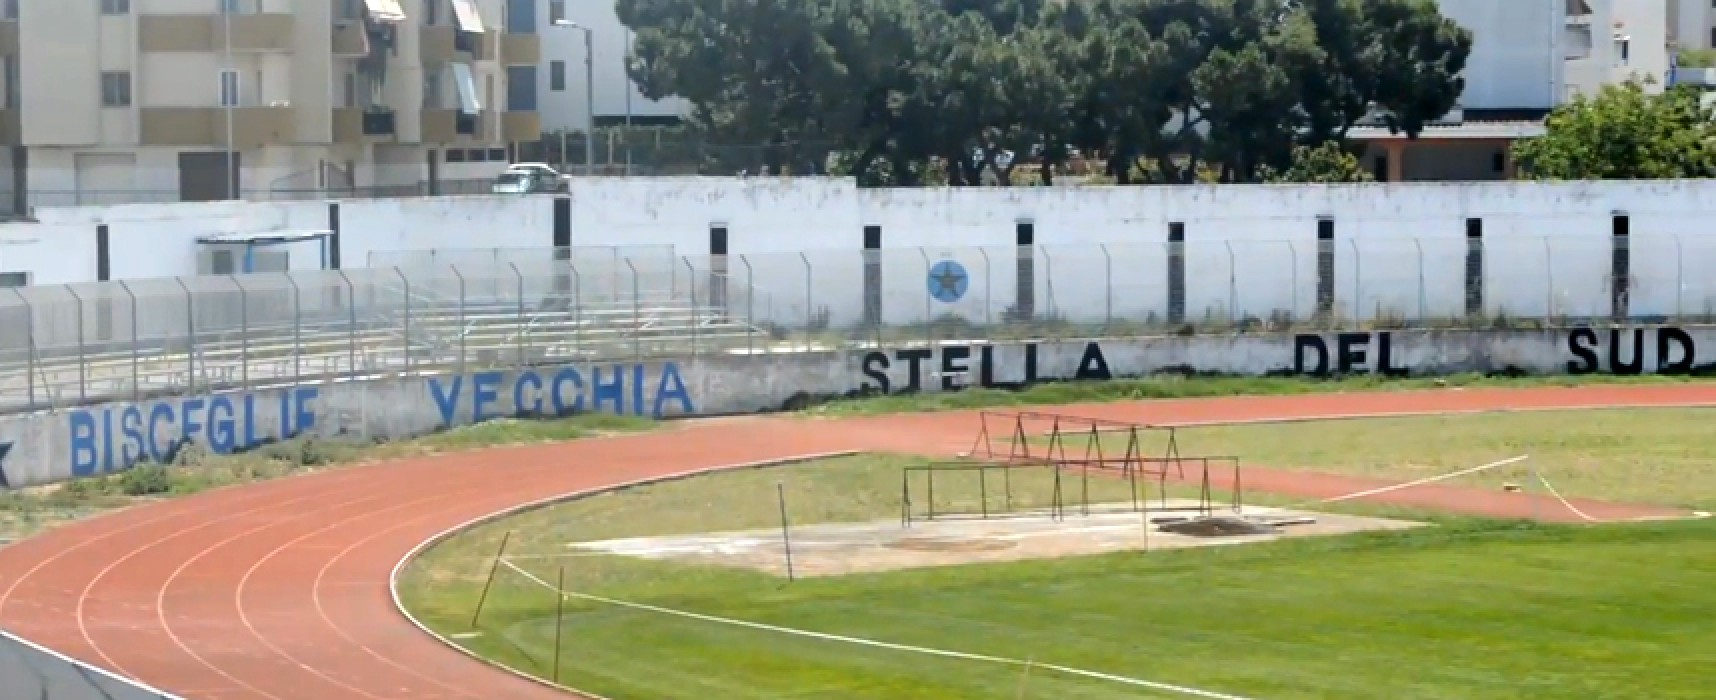 Bisceglie Calcio: non c'è intesa nella trattativa Canonico-Todaro